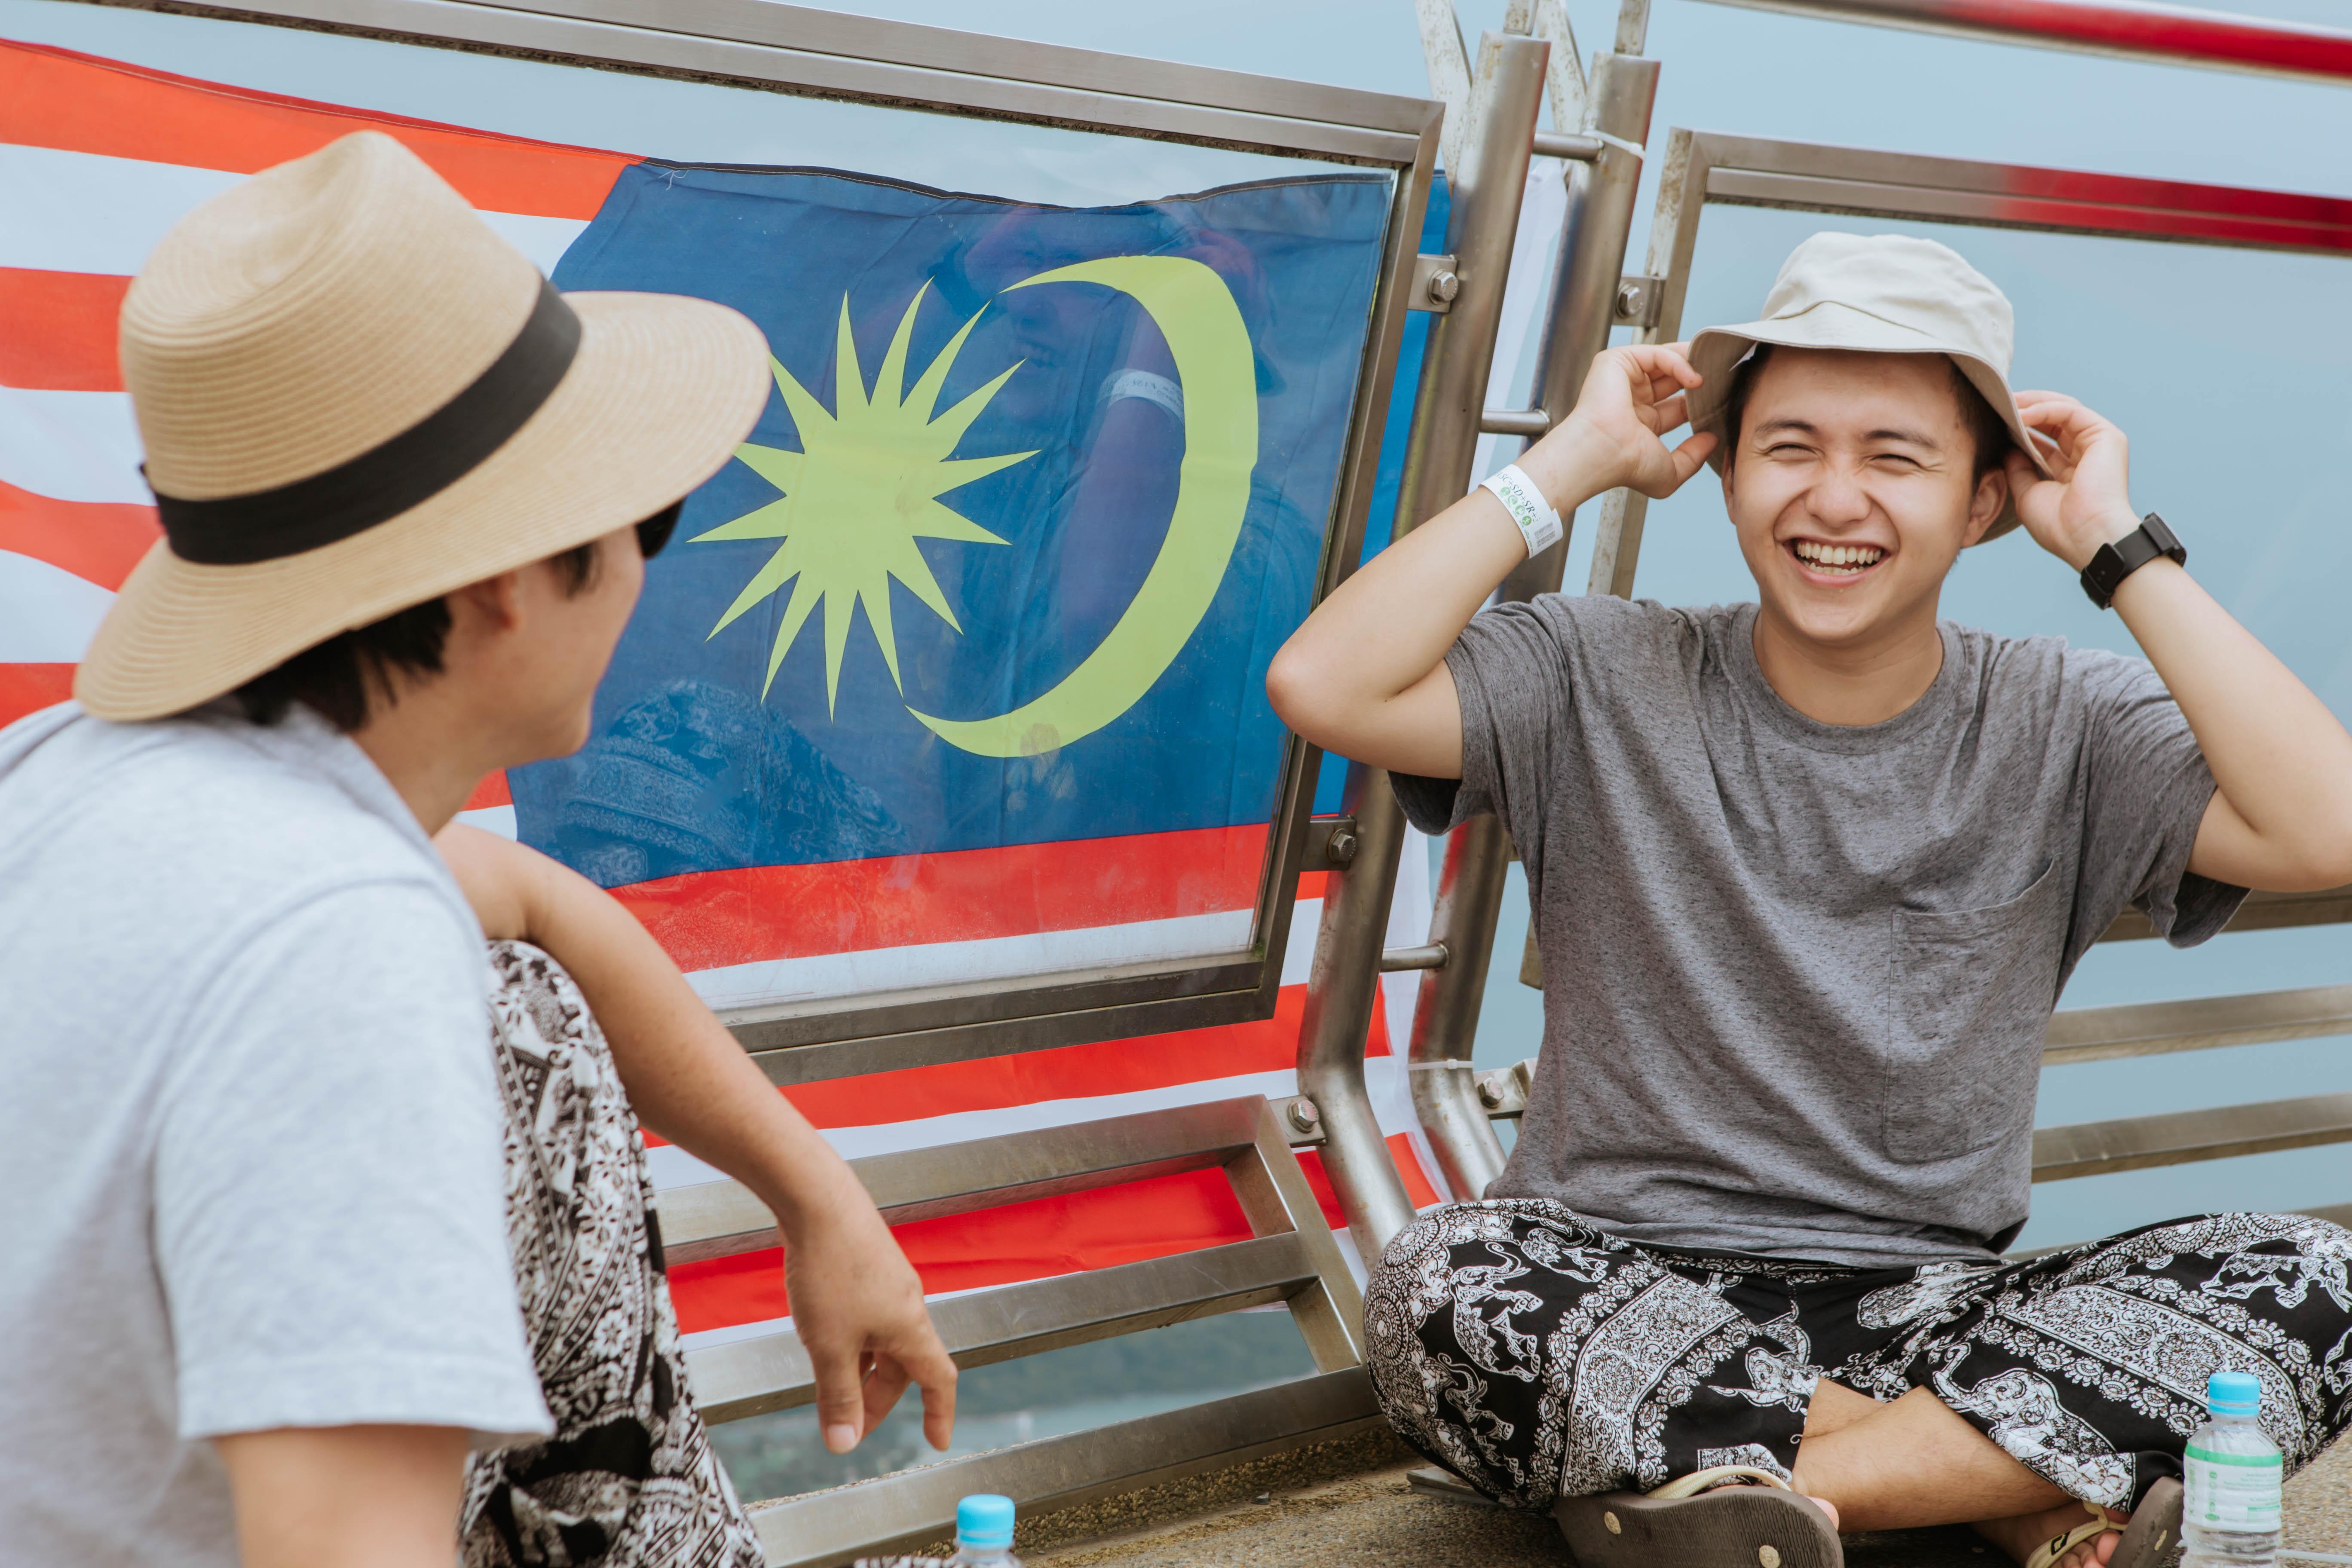 Bạn chọn ai khi muốn đi du lịch, cậu con trai Nghệ An 24 tuổi này rủ ông bố 60 tuổi, và họ có những trải nghiệm cùng nhau lần đầu tiên! - Ảnh 12.